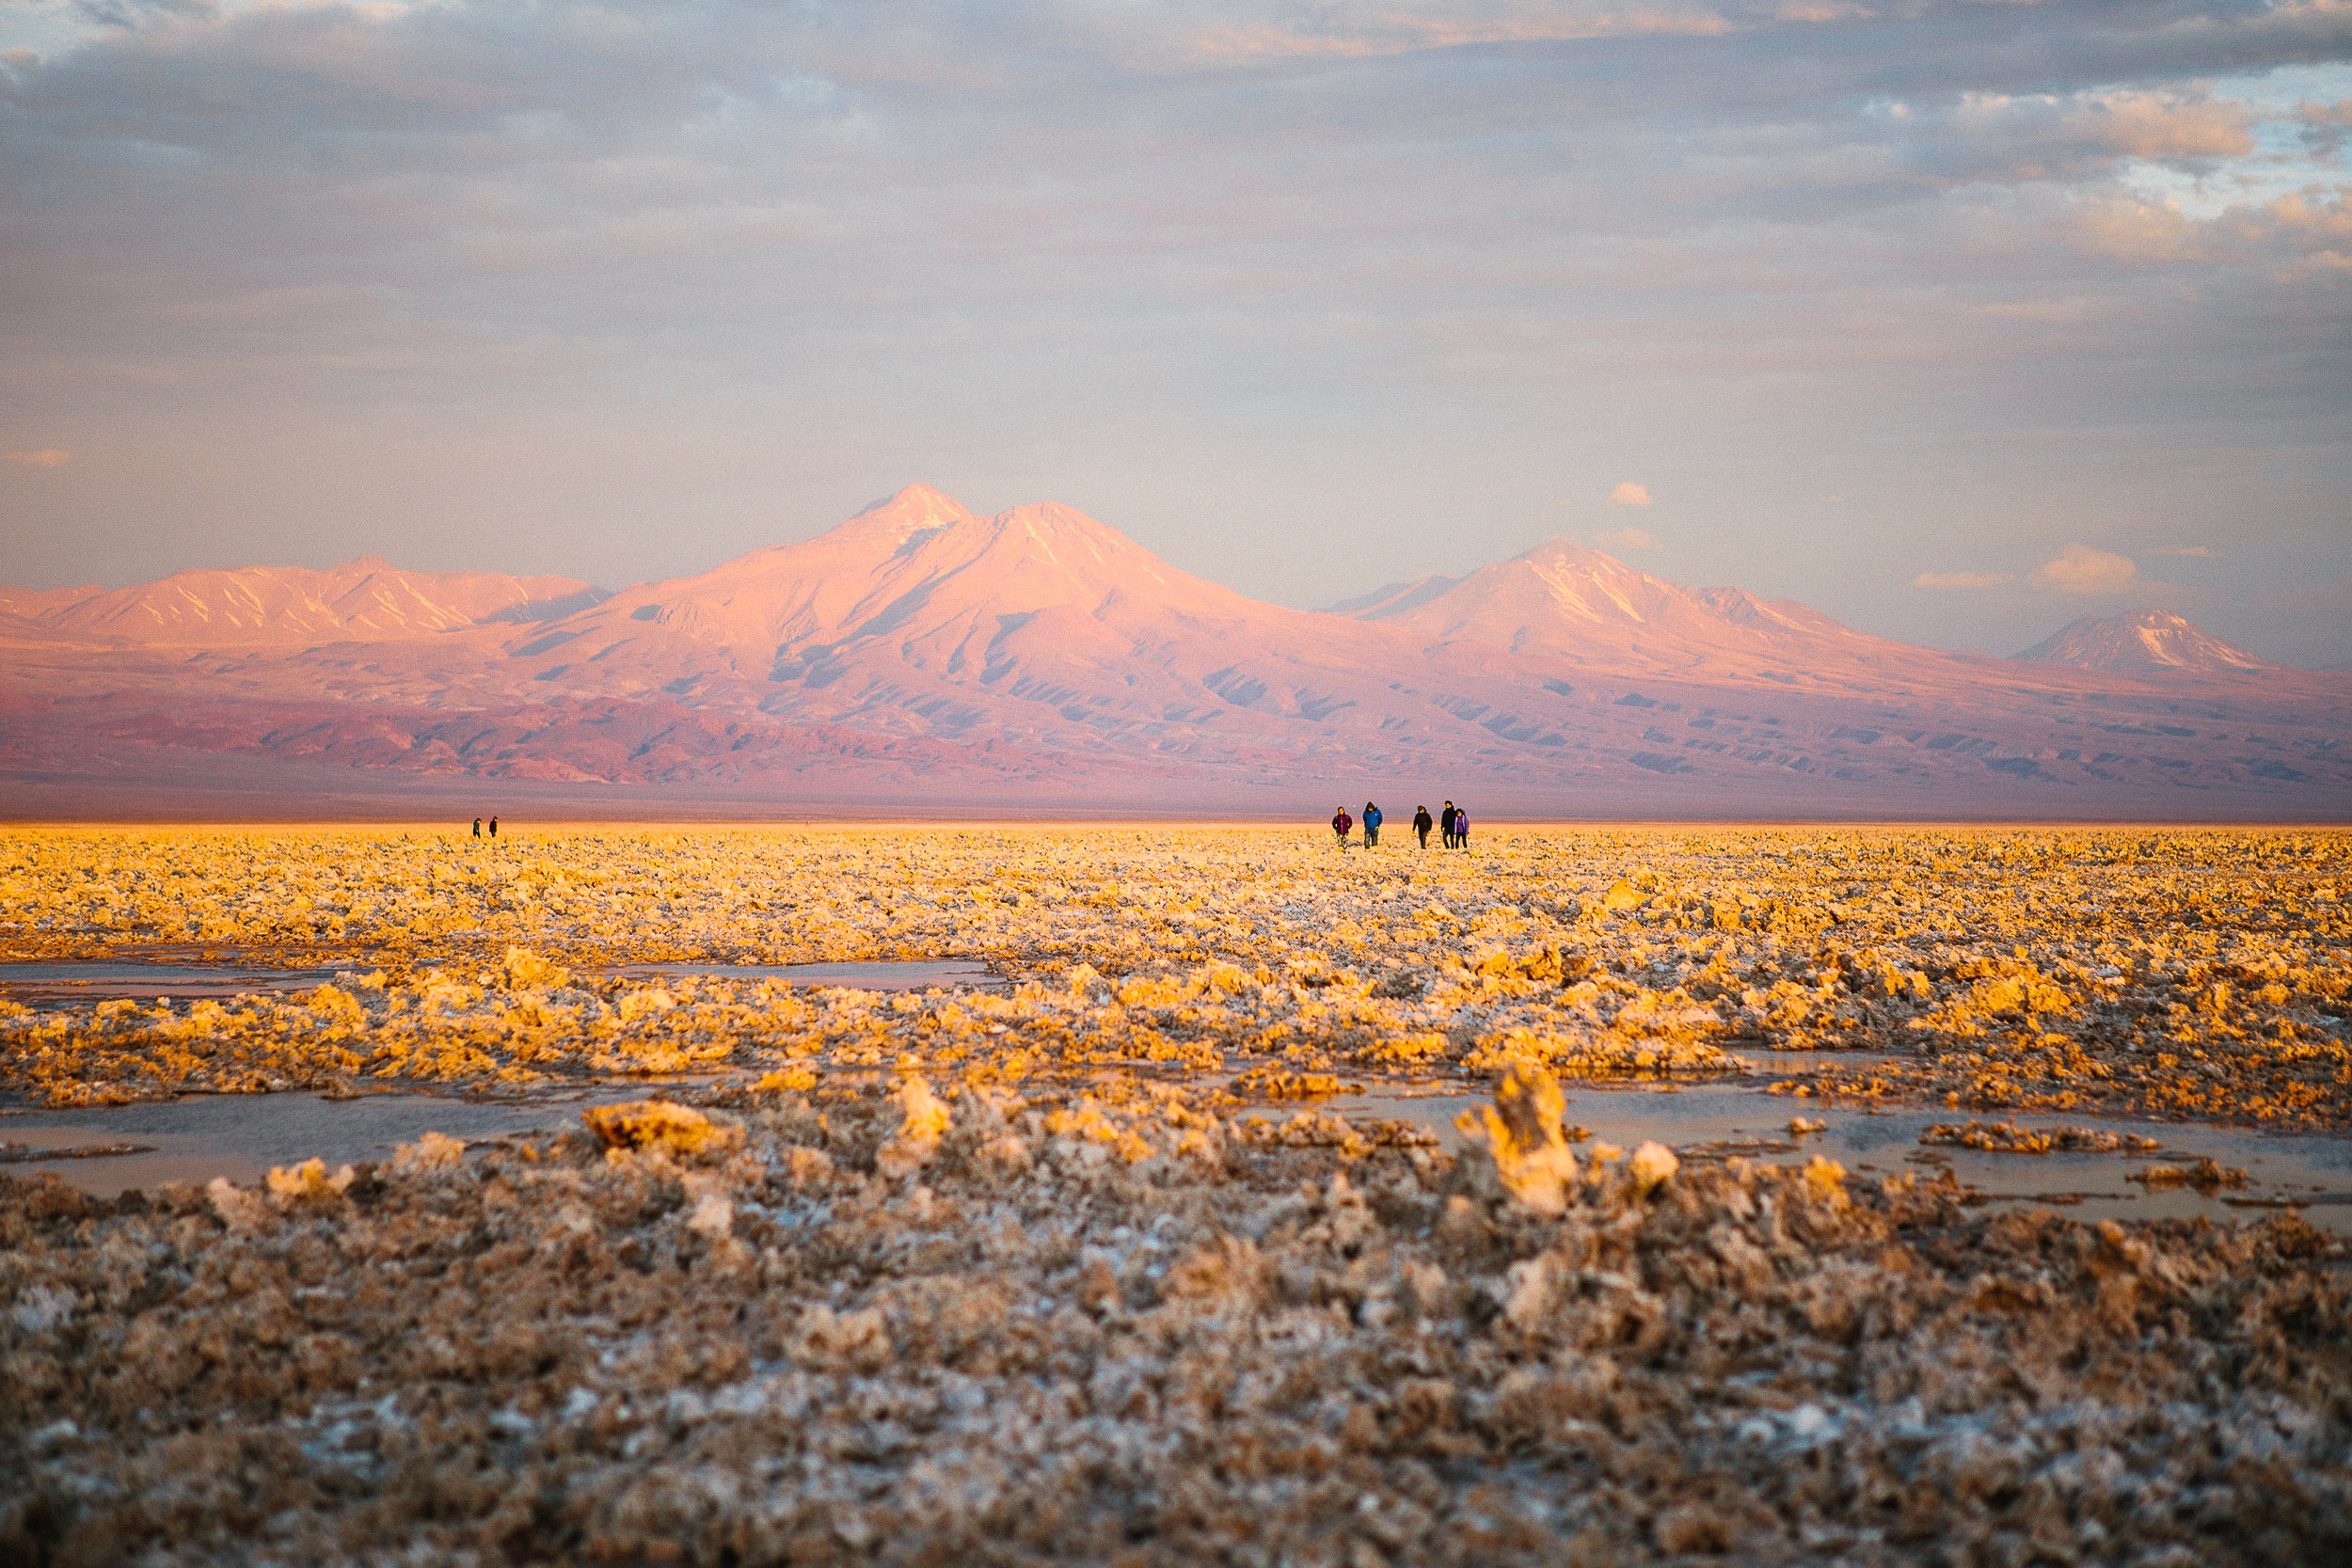 The salt flats of Atacama